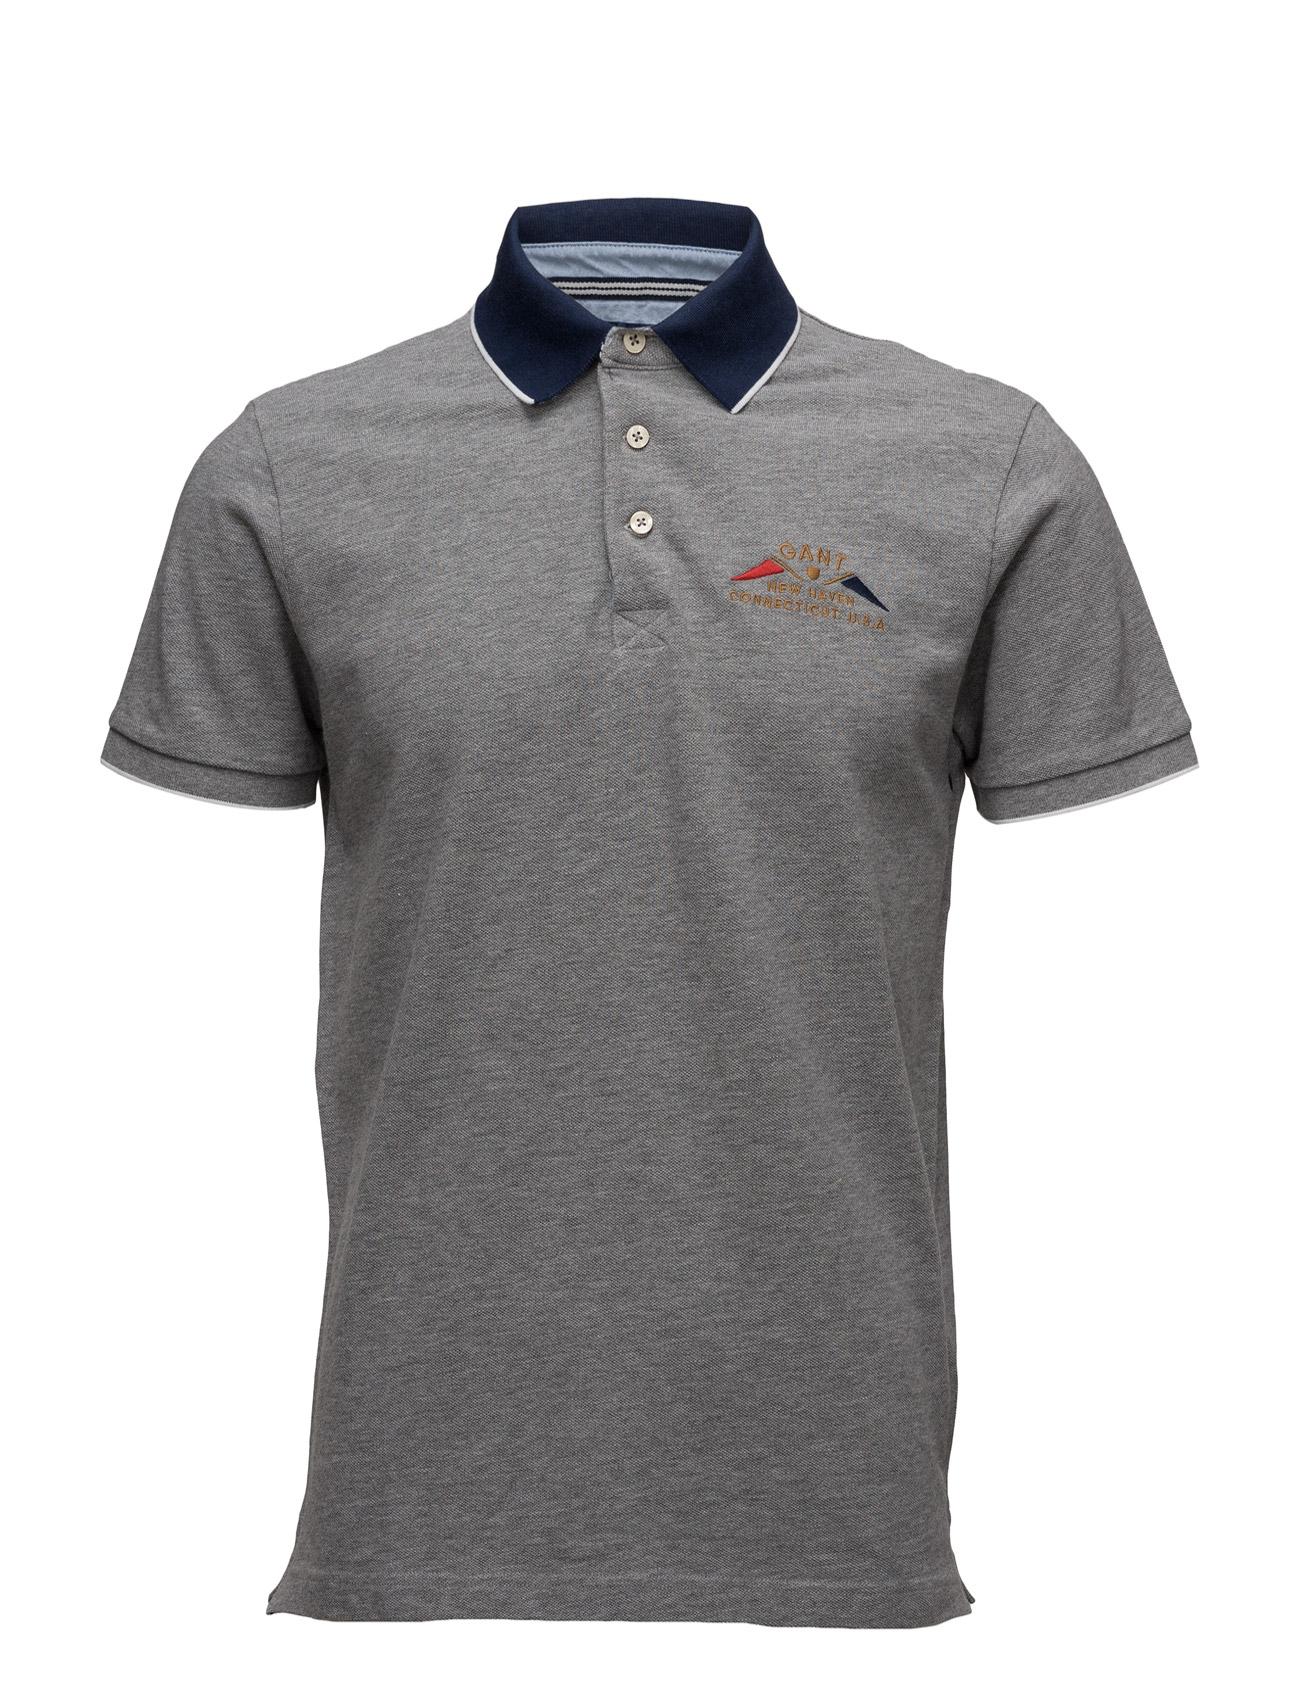 O1. Nautical Flag Pique Ss Rugger GANT Kortærmede polo t-shirts til Herrer i